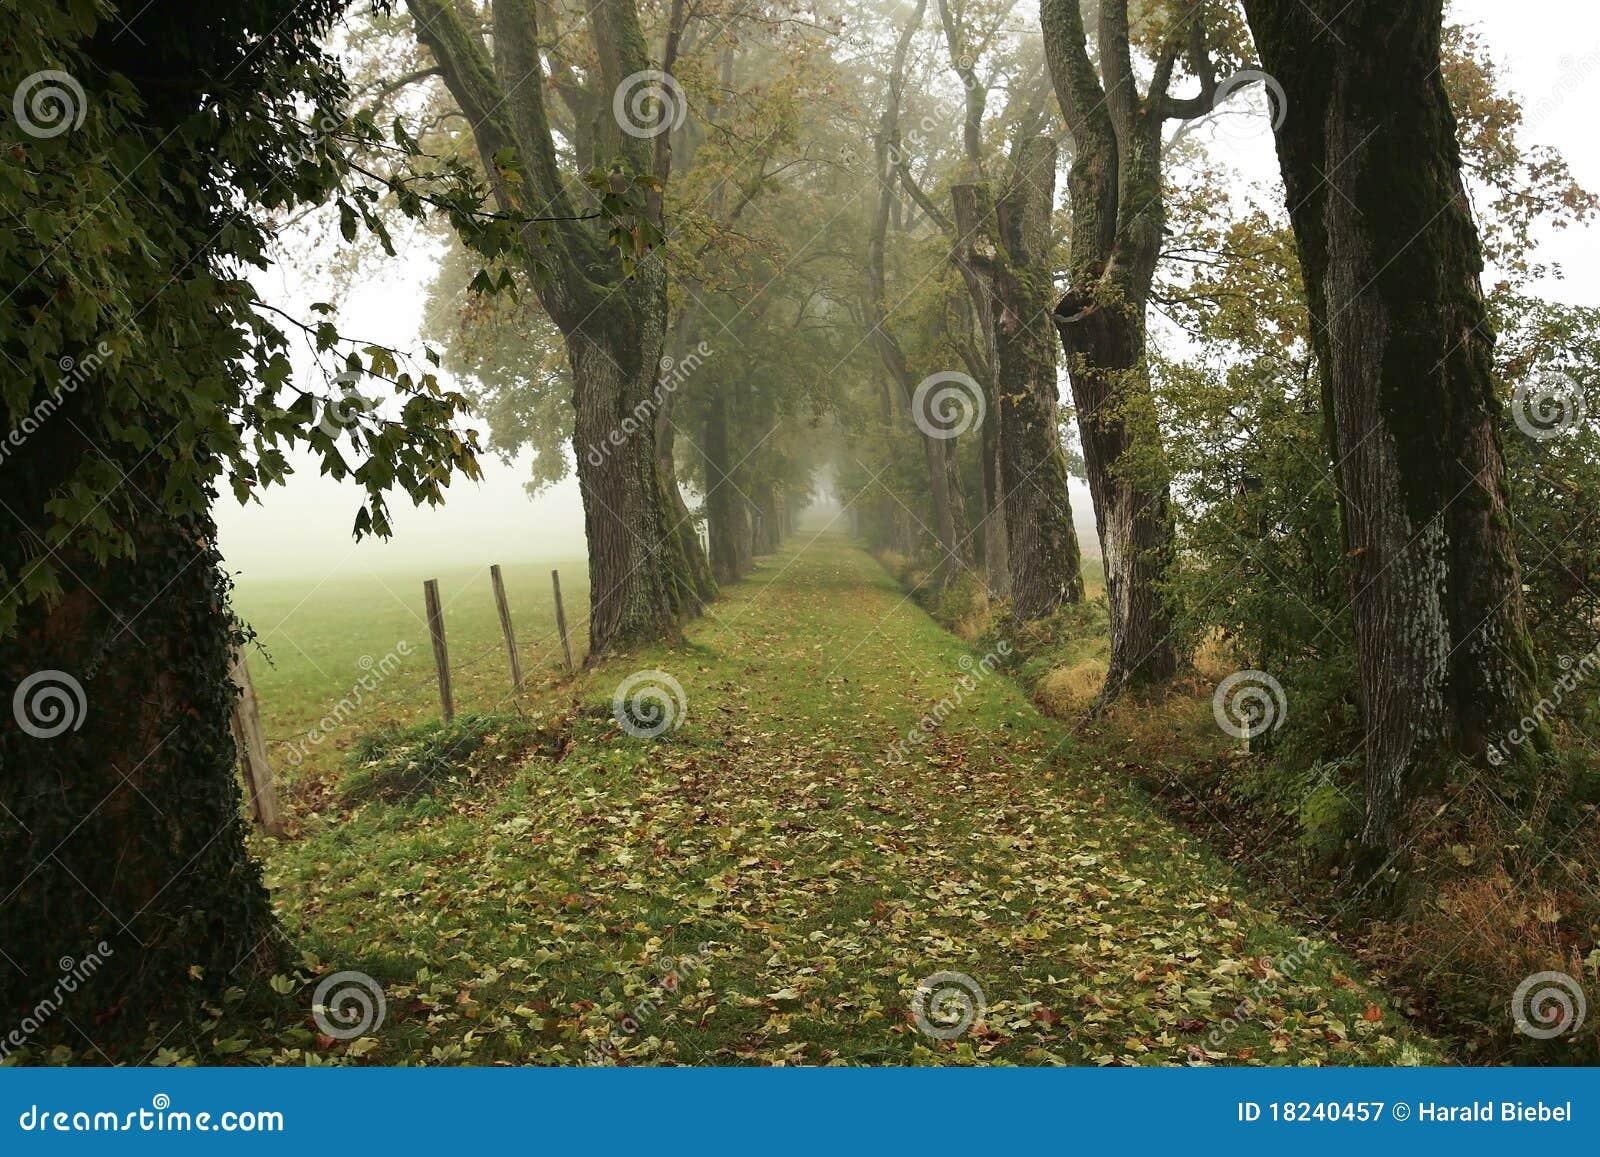 Steeg in de mist